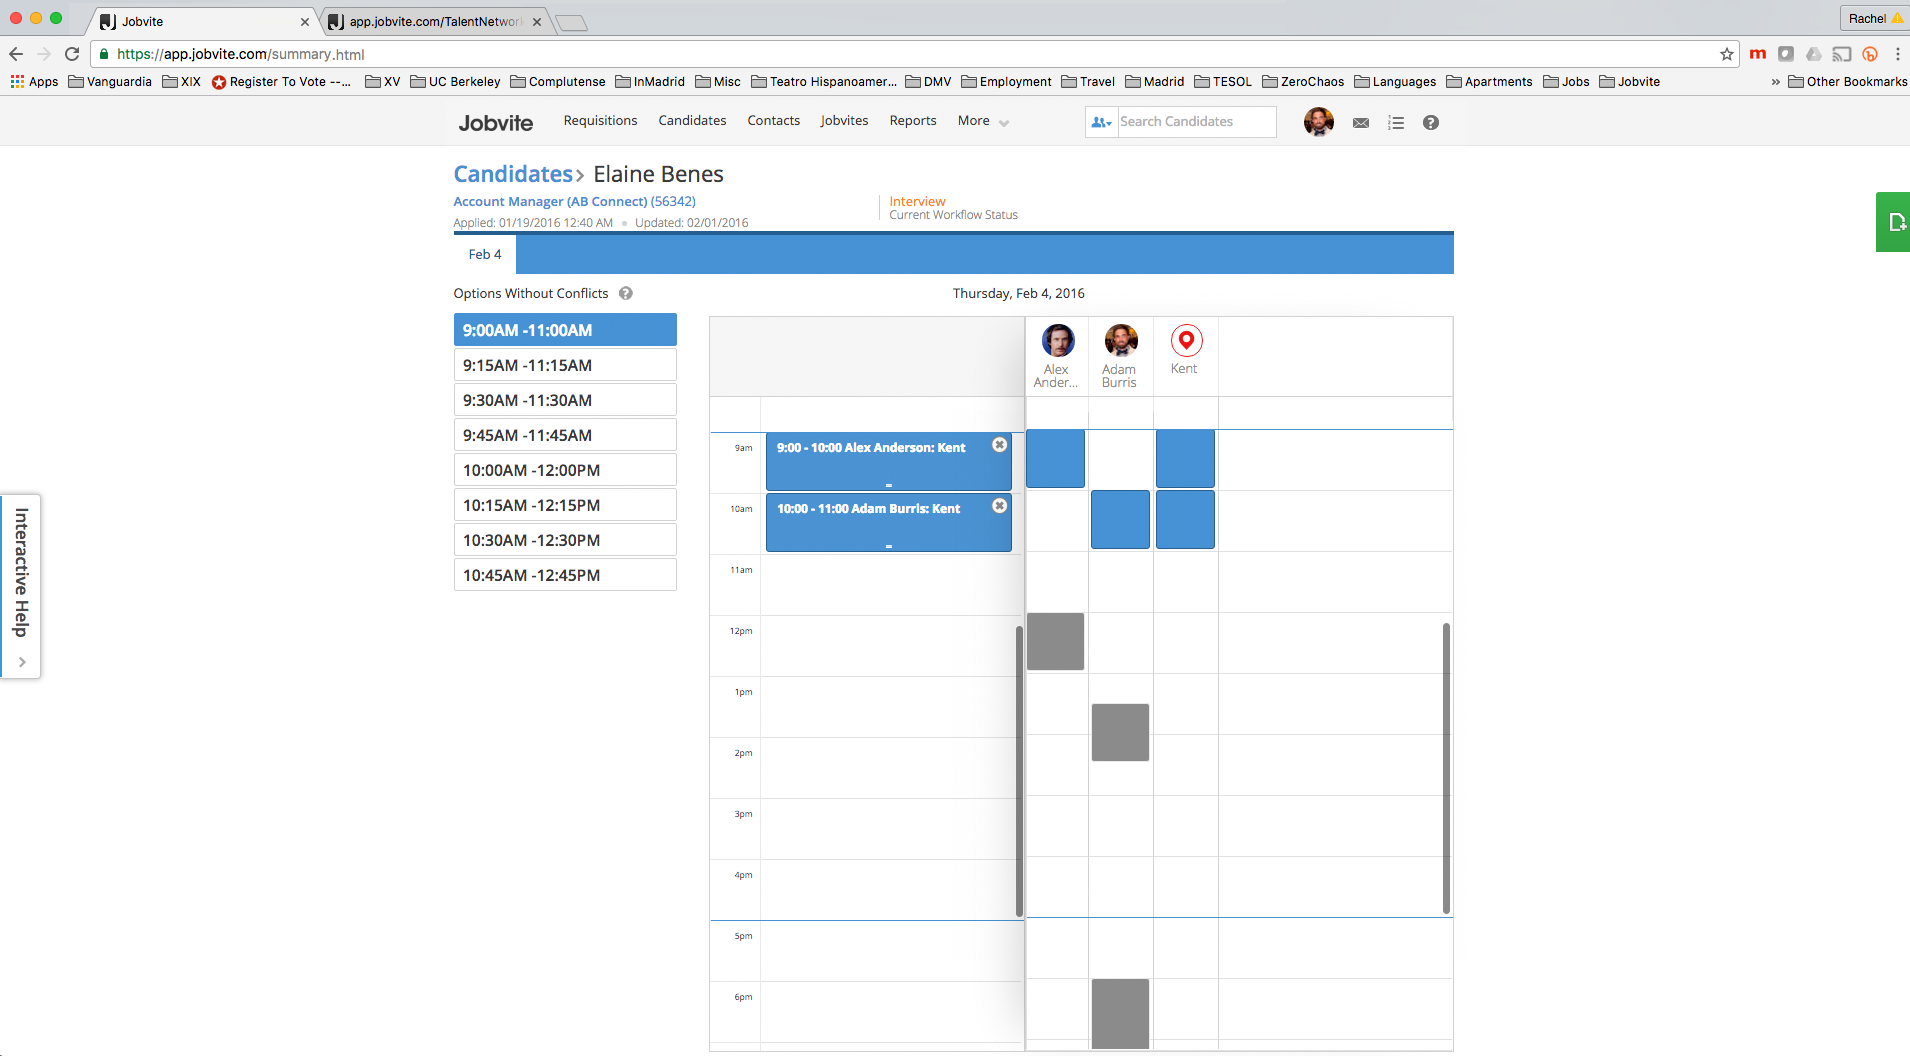 Работа с календарём собеседований и событий по подбору персонала в программном продукте Jobvite